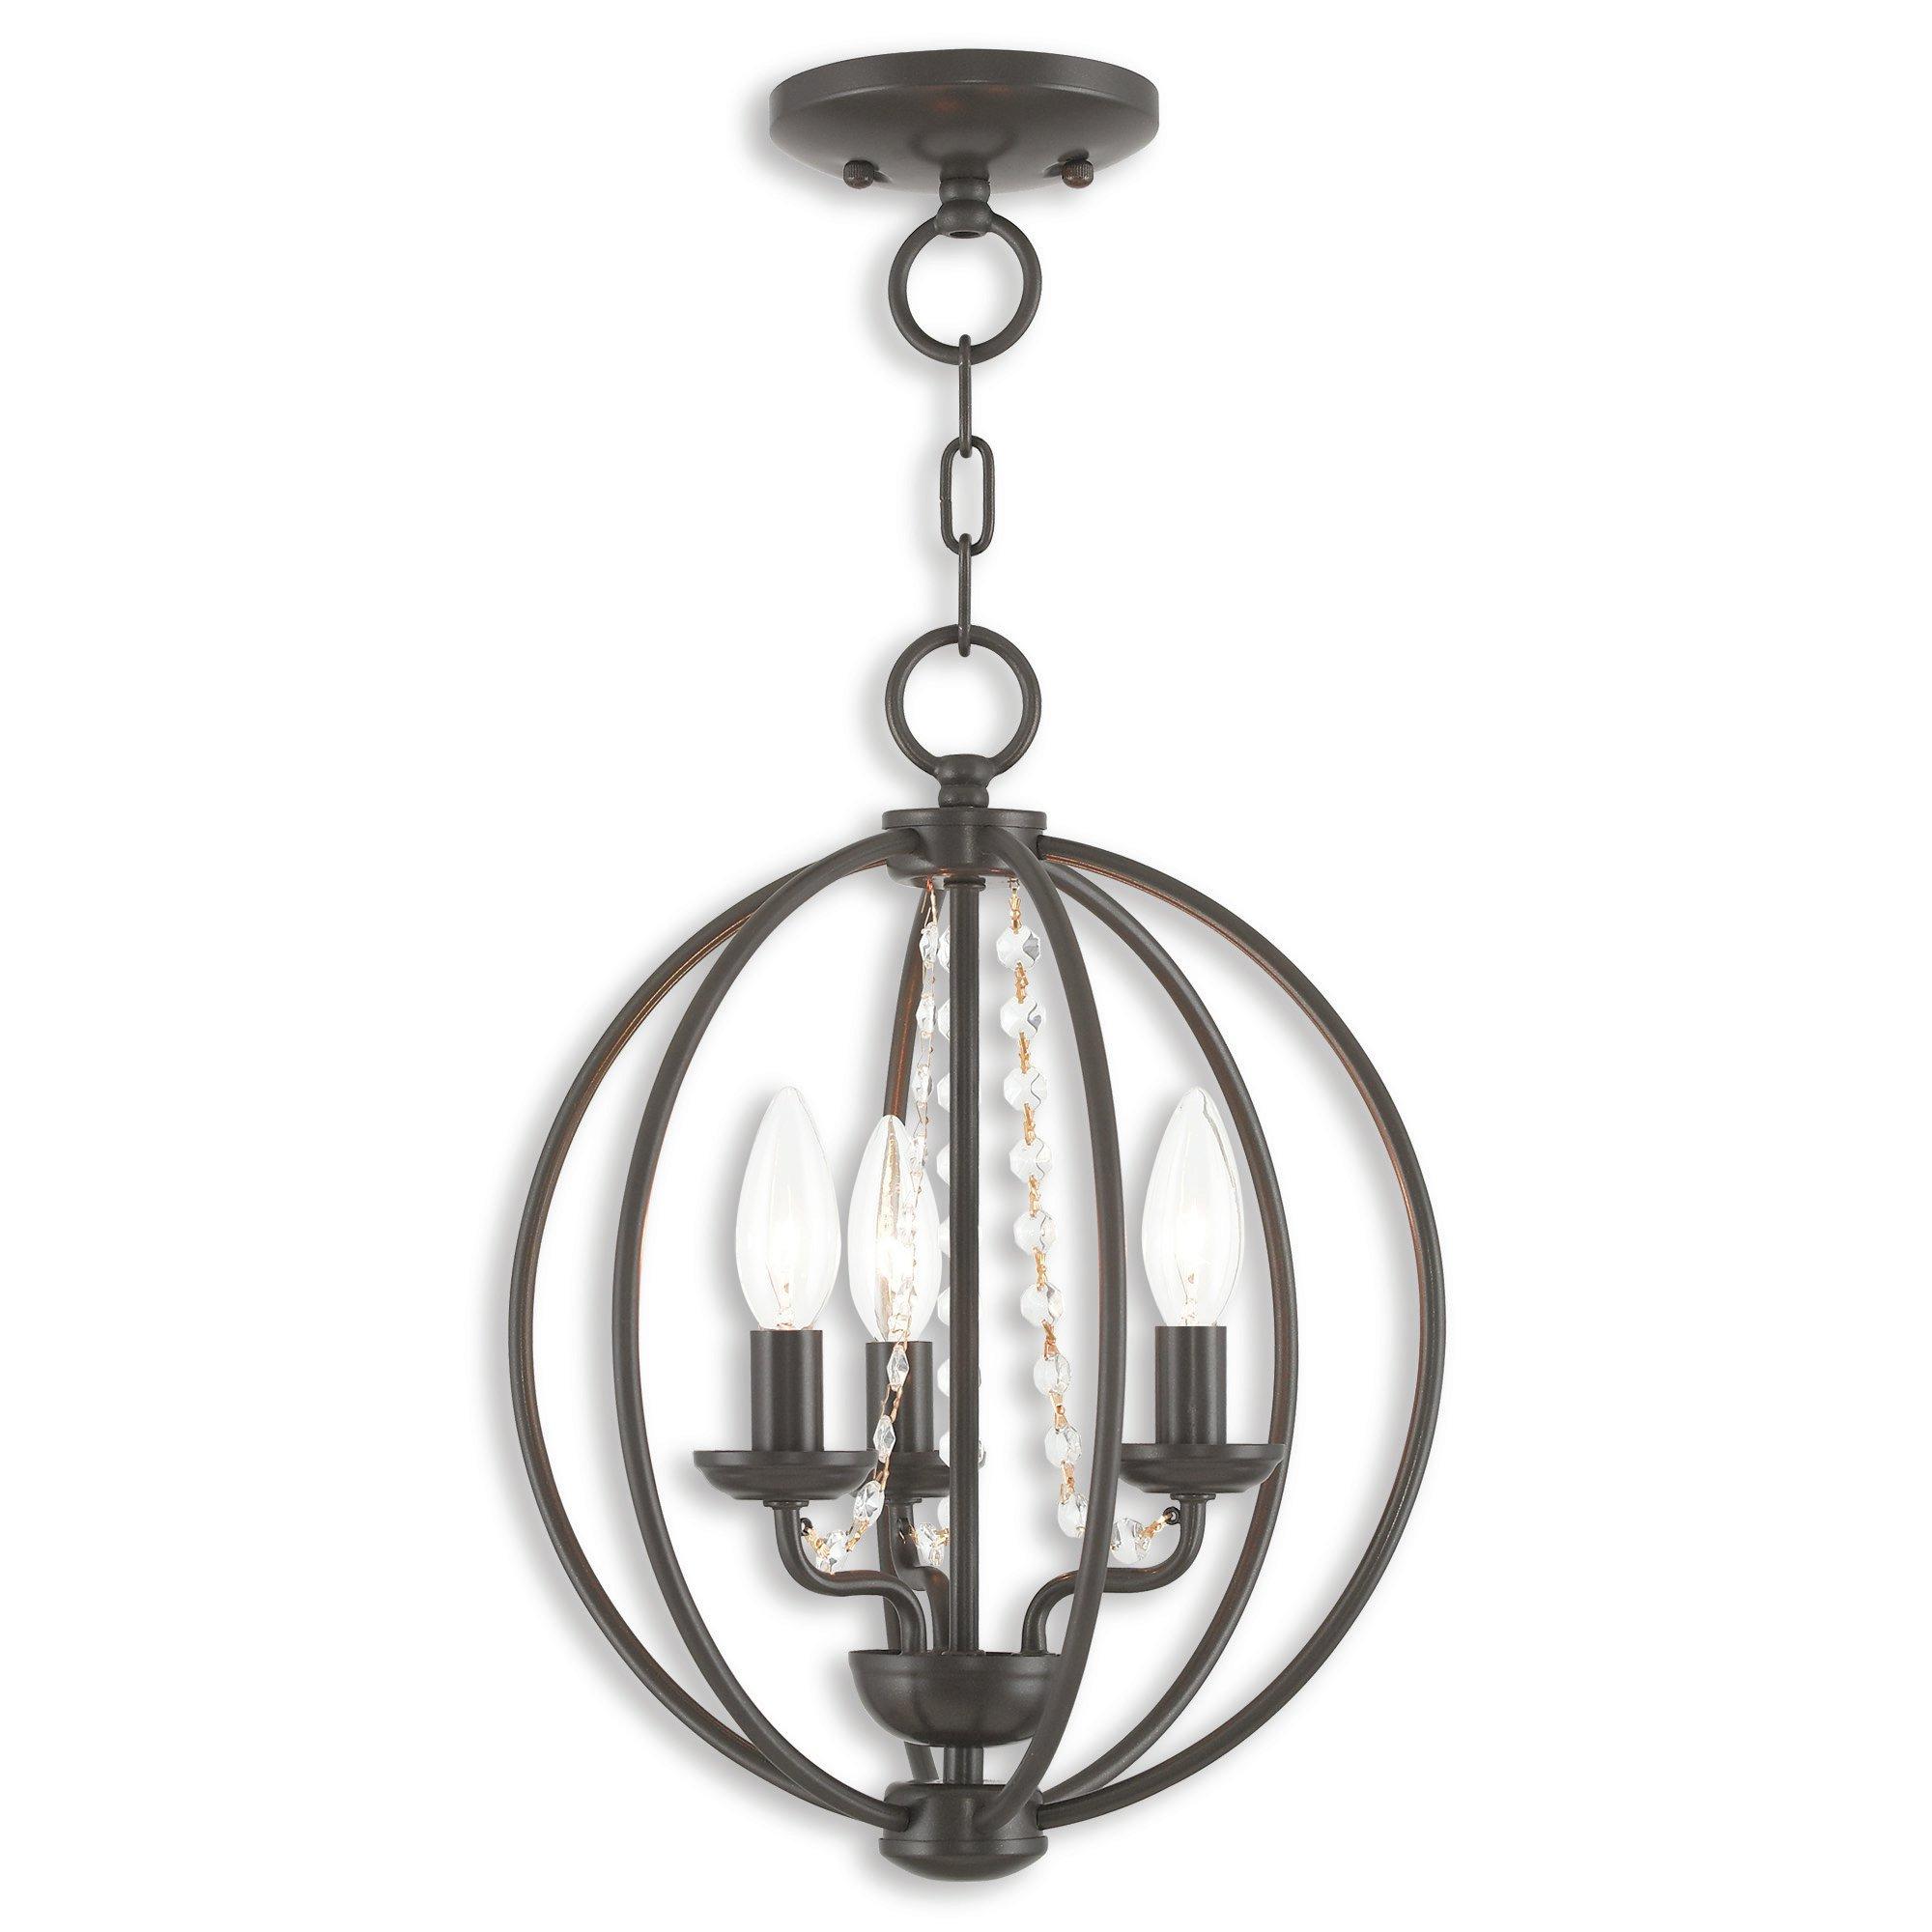 Artus 3 Light Globe Chandelier For Fashionable Alden 3 Light Single Globe Pendants (View 6 of 25)